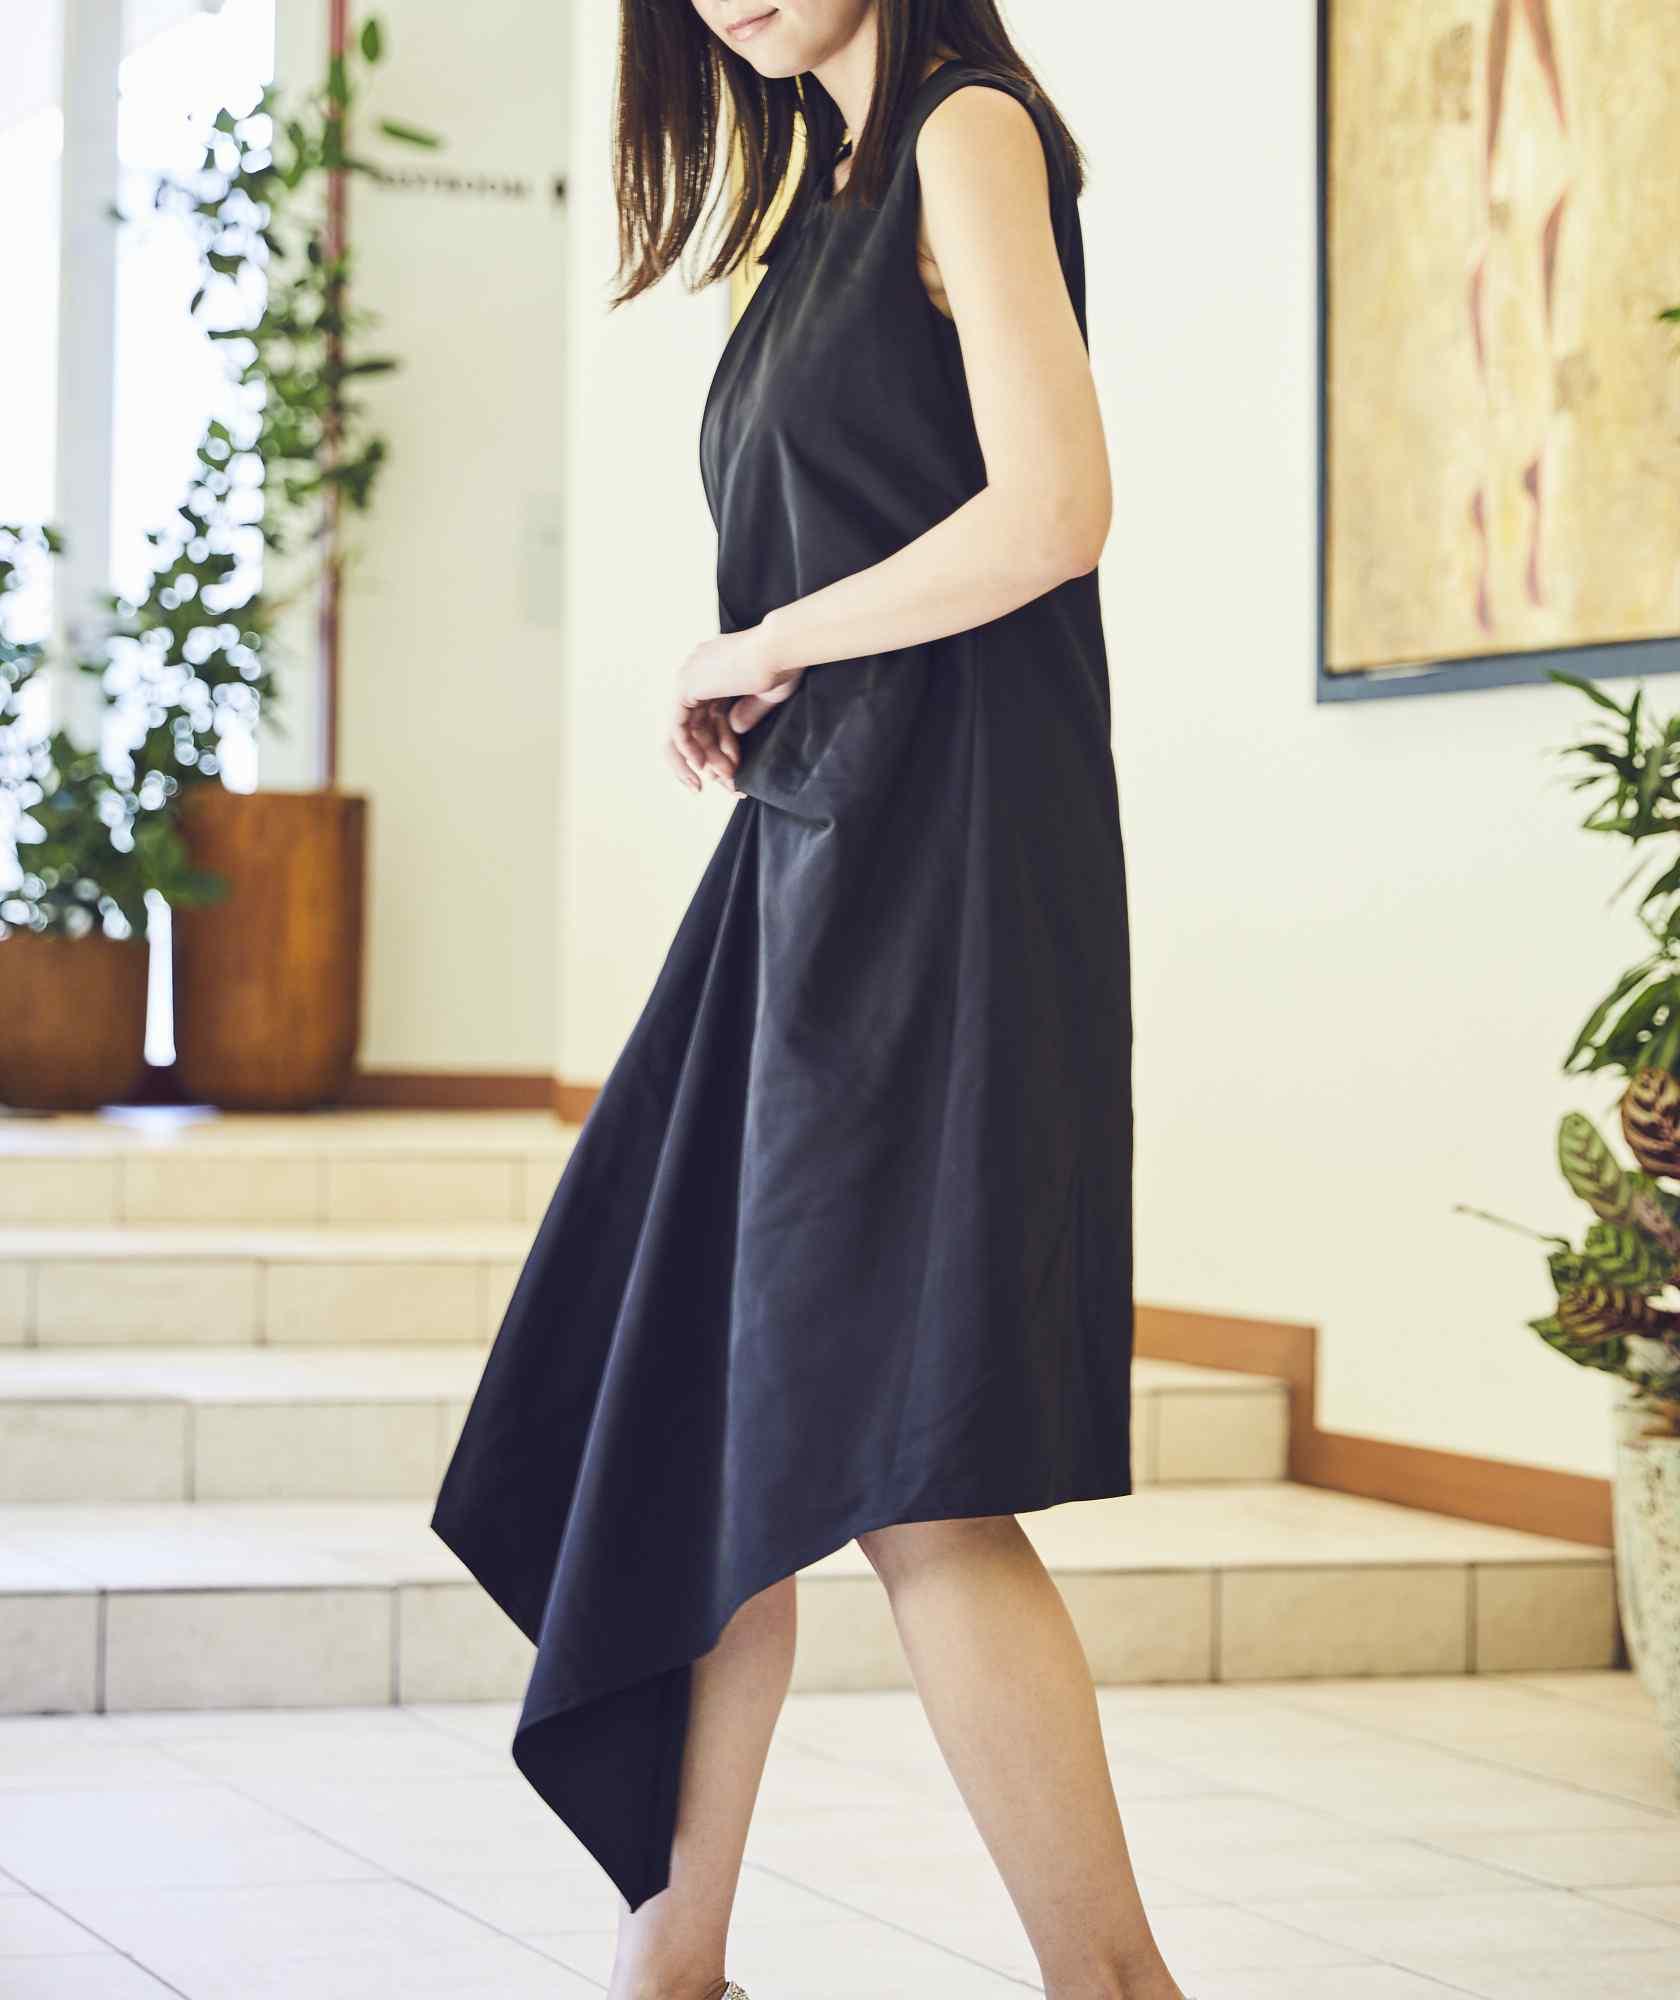 クルーネックデザイントップOGAラインミディアムドレス-ブラック-S